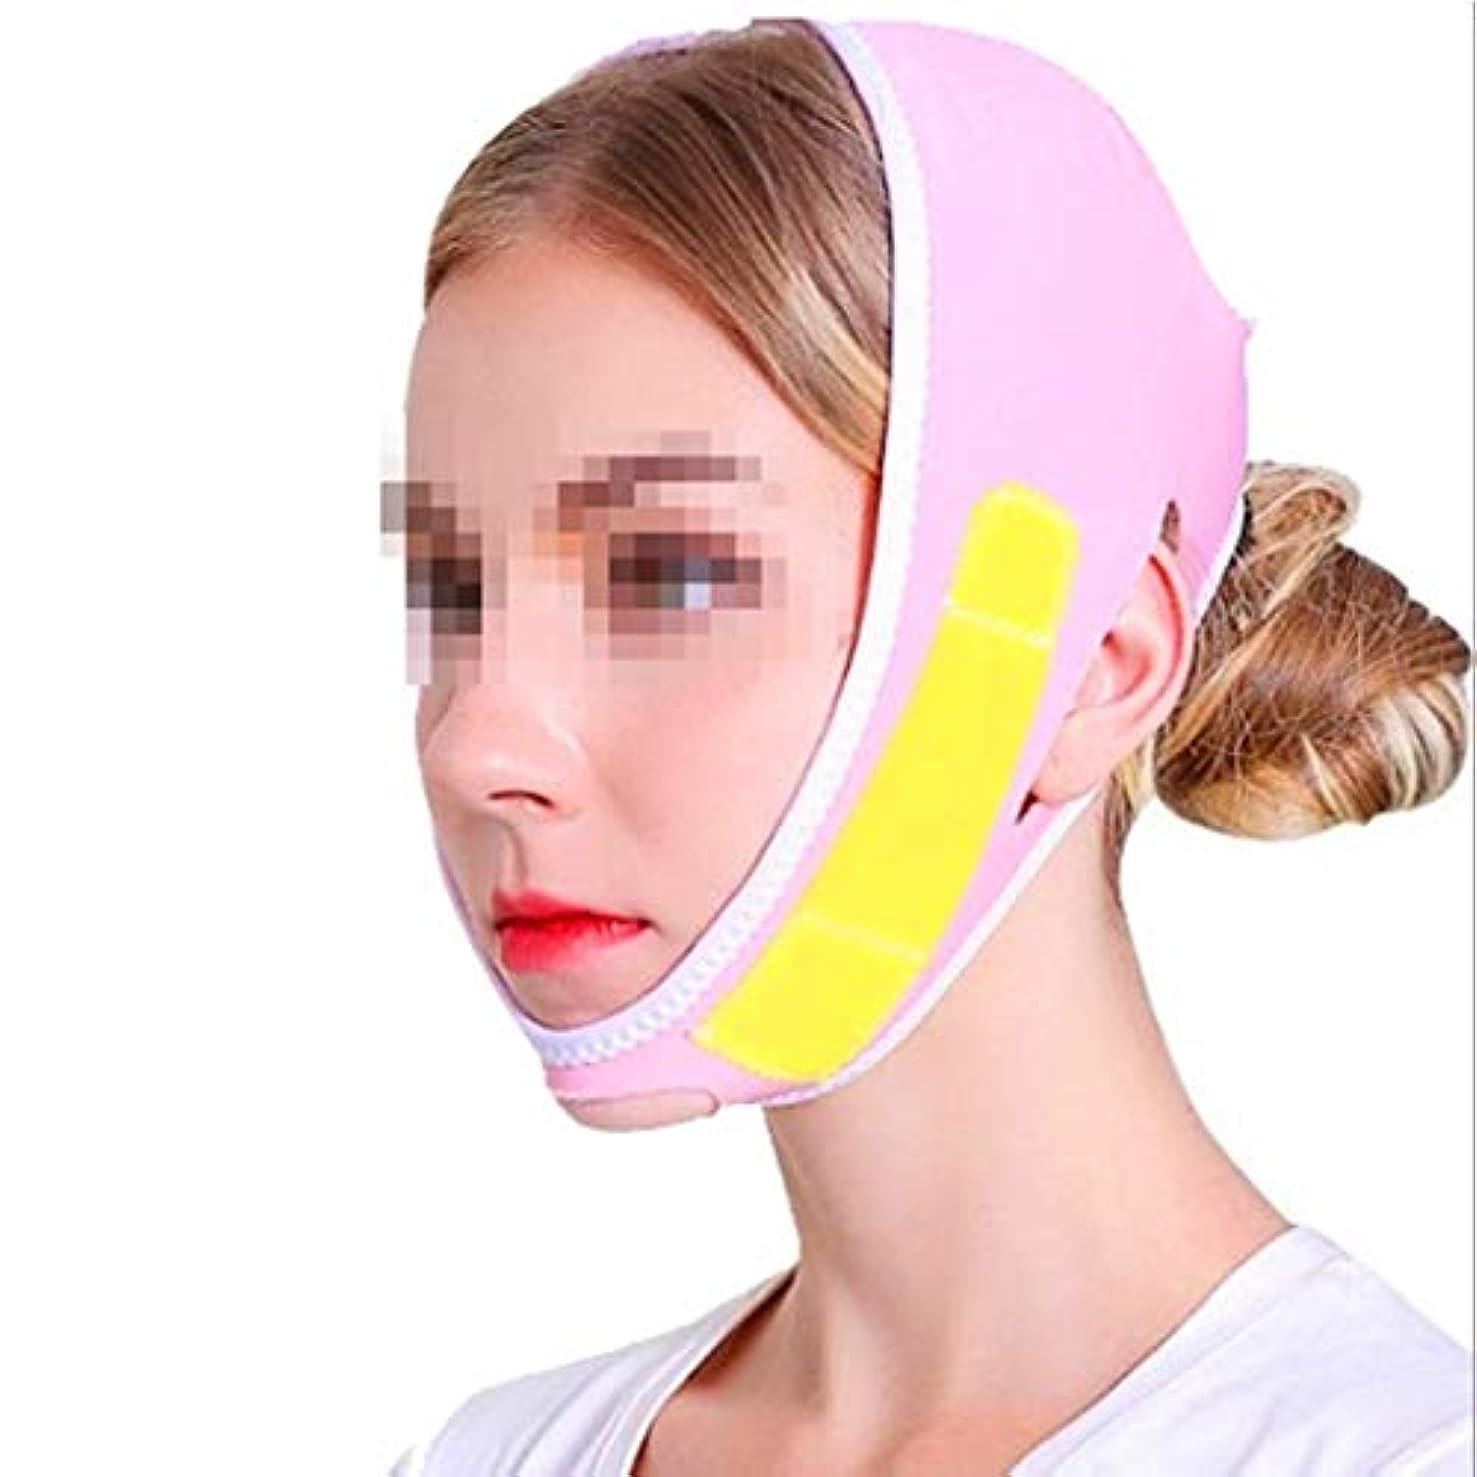 よろめく前任者地中海フェイスリフトマスク、Vフェイスフェイシャルリフティング、およびローラインにしっかりと締め付けます二重あごの美容整形包帯マルチカラーオプション(カラー:イエロー),ピンク